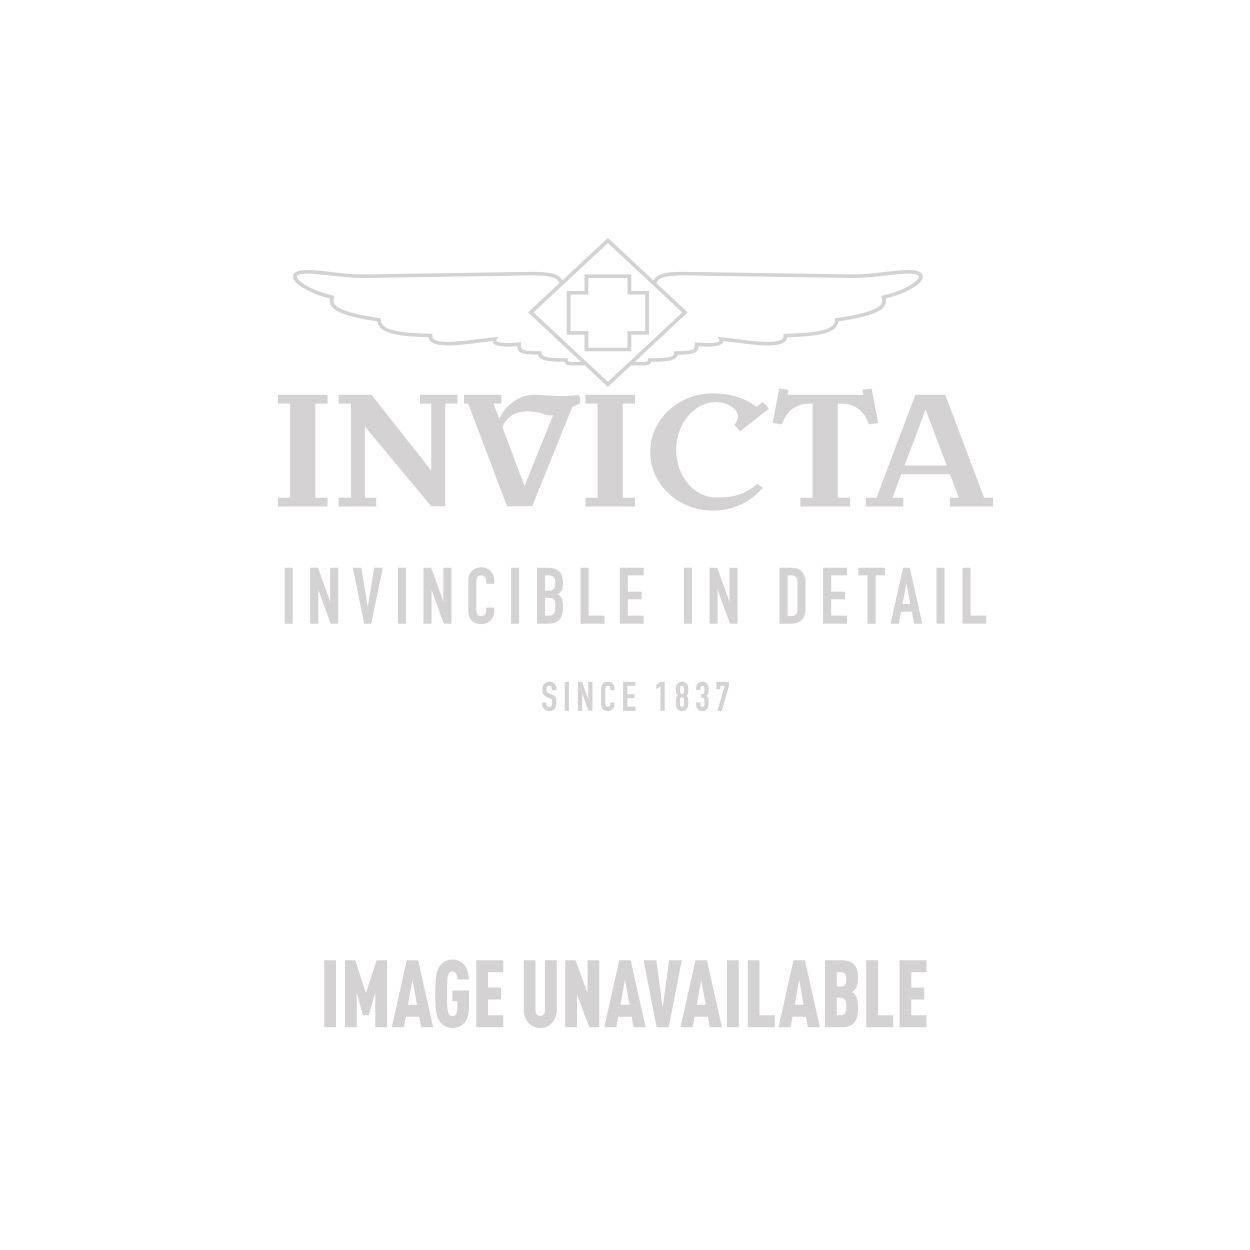 Invicta Model 27953